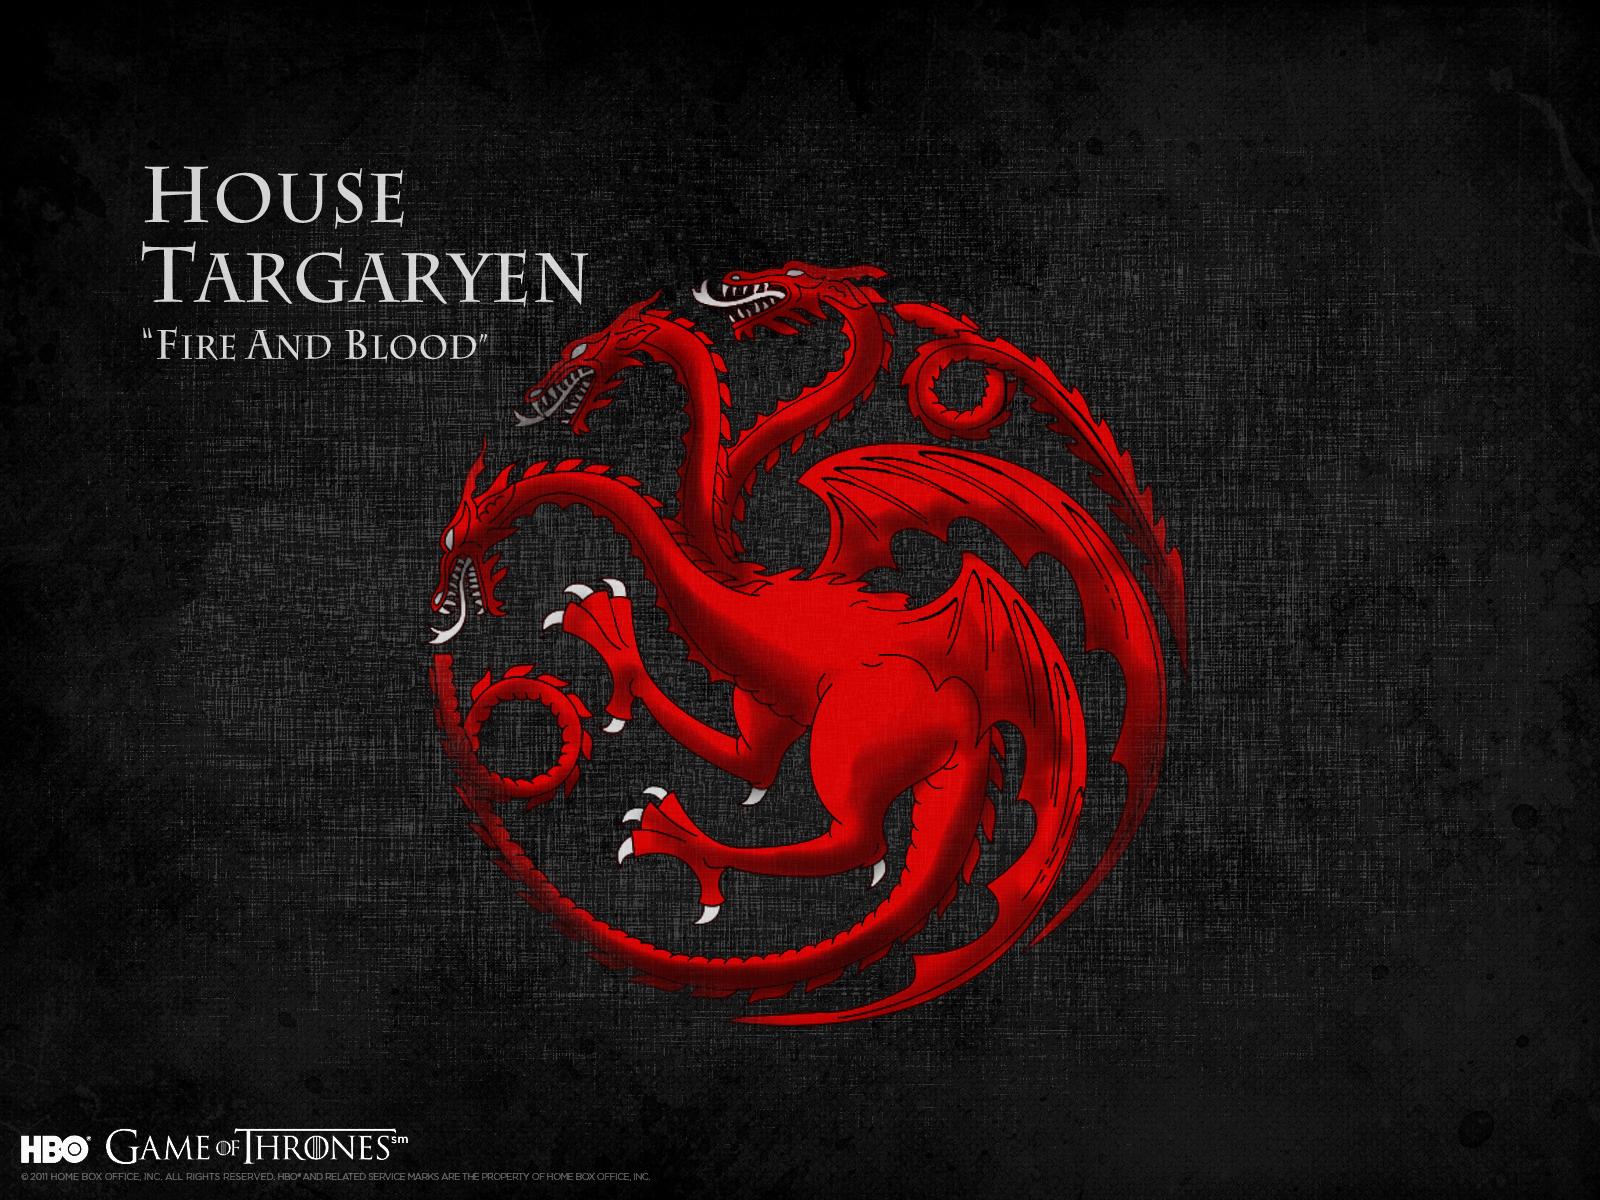 47 House Targaryen Wallpaper On Wallpapersafari